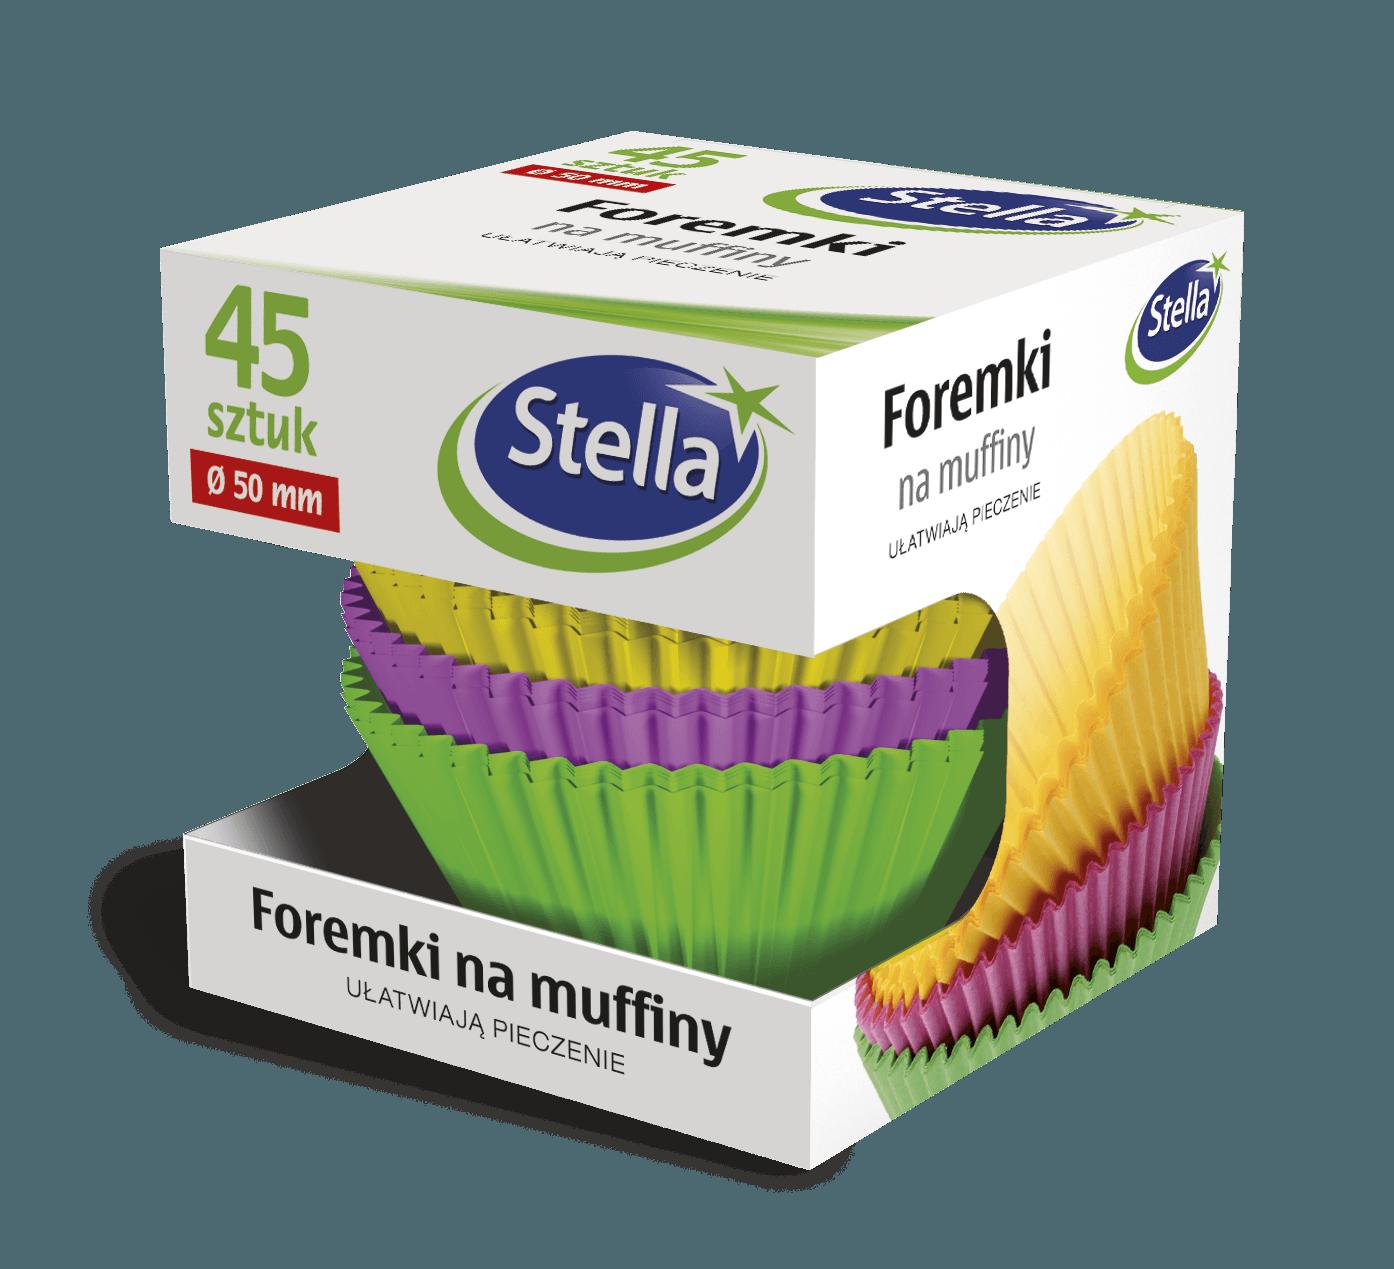 Foremki na muffiny kolorowe 45szt. box STELLA